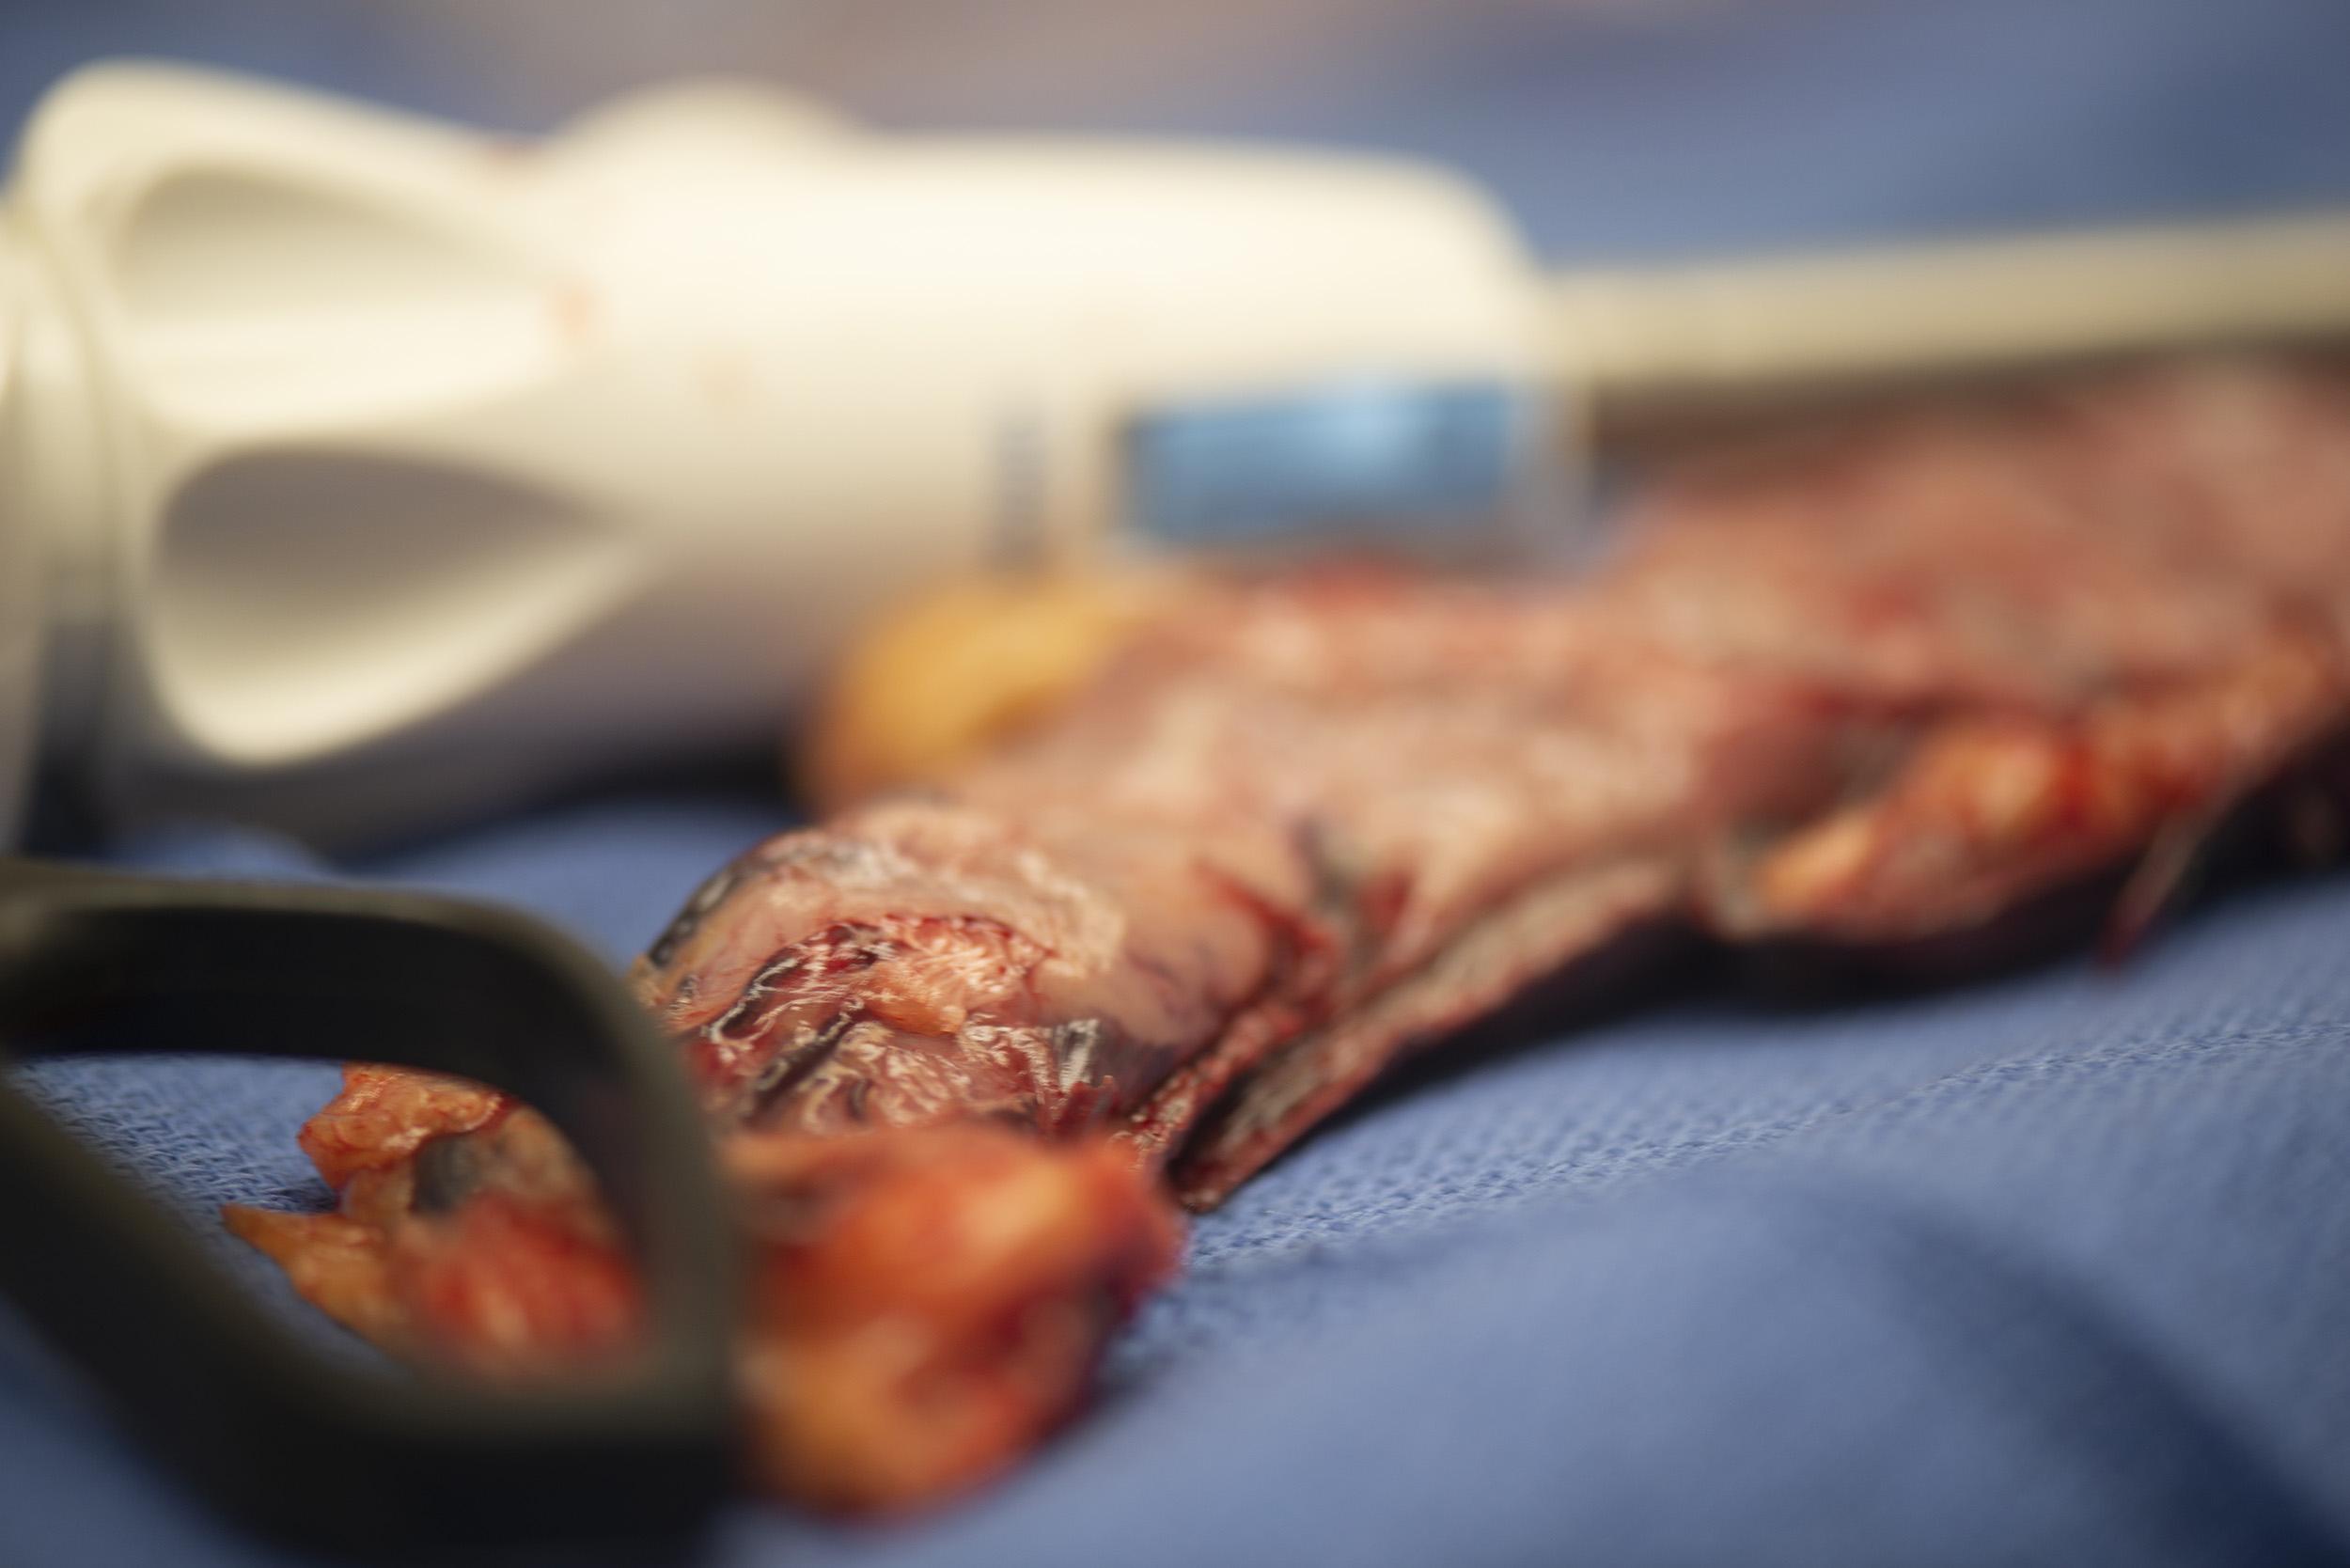 Grapadora con restos gástricos eliminados durante la gastrectomía en manga